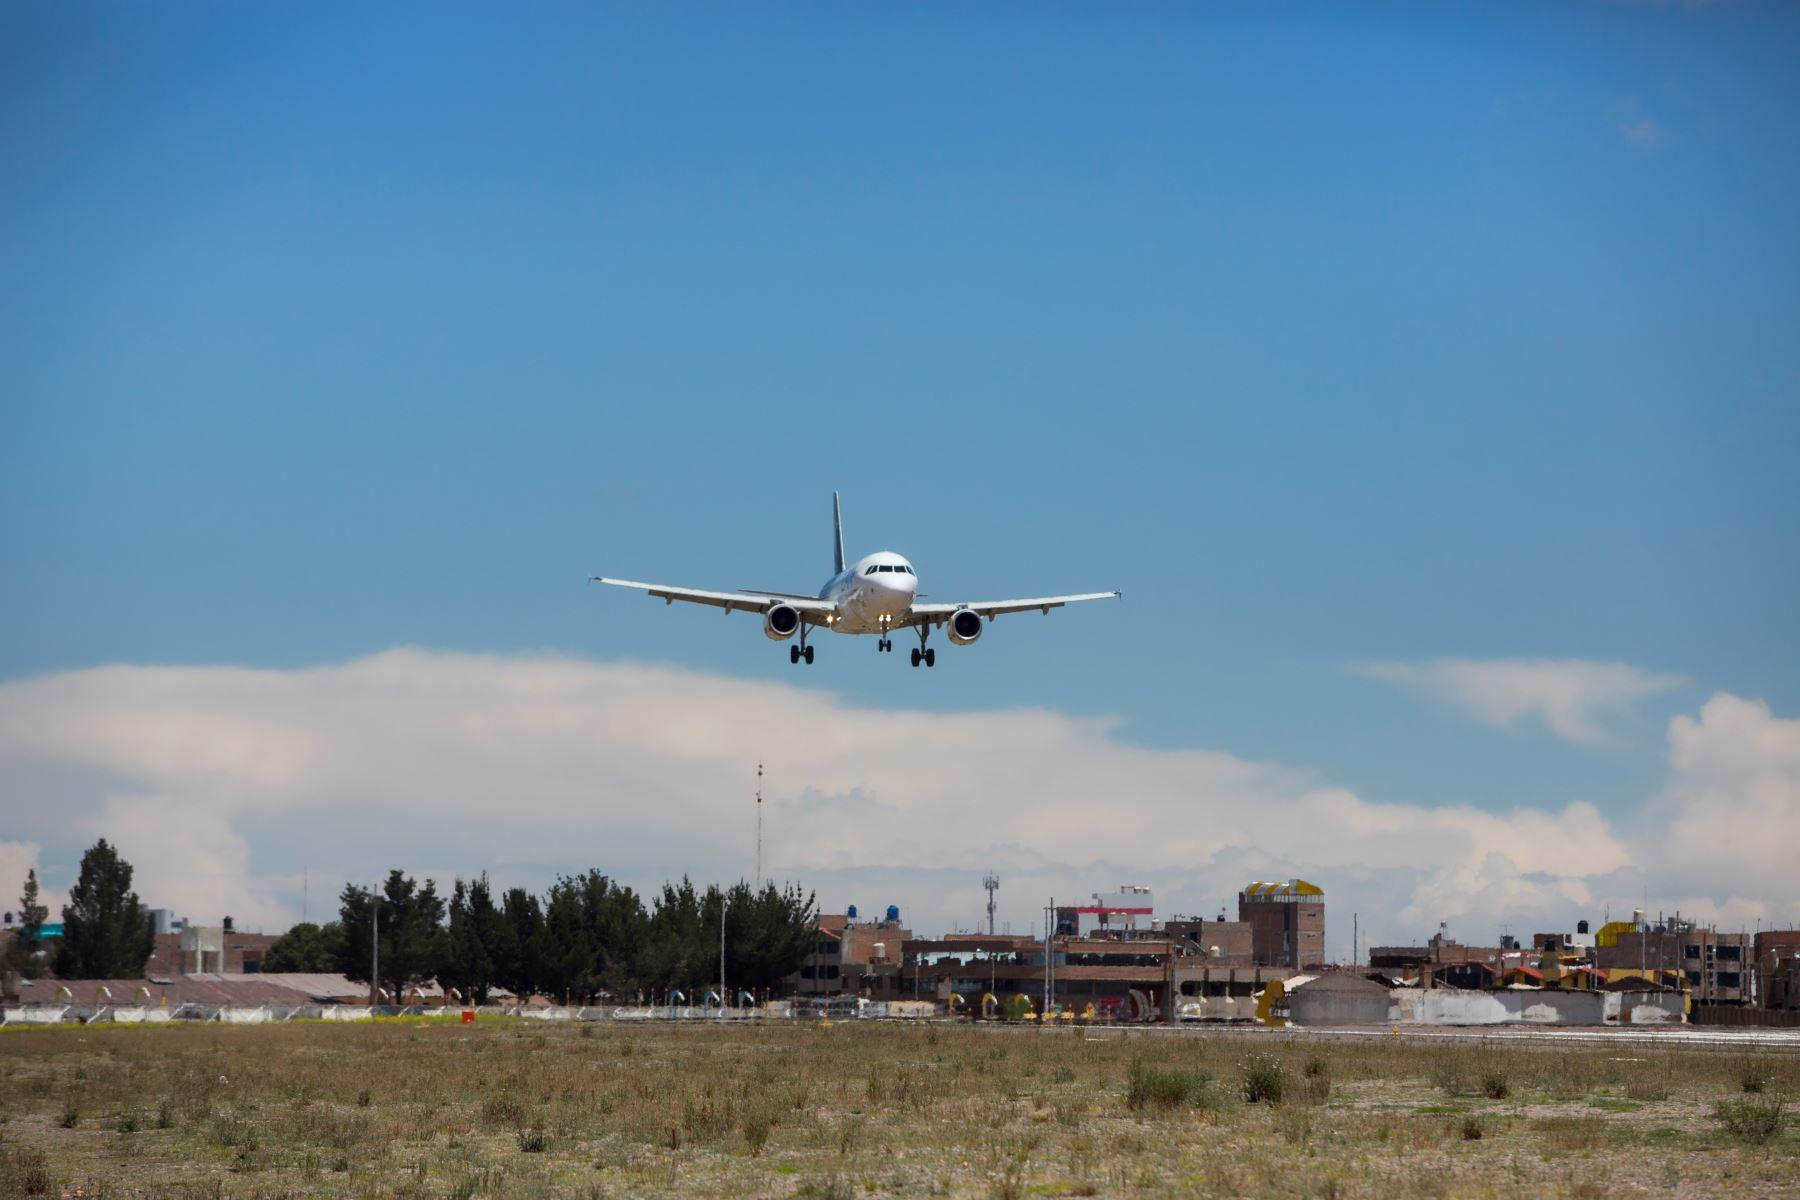 Foto: ANDINA/DifusiónAnuncian inversión de US$ 1.7 millones en pista de aeropuerto de Juliaca, en Puno. ANDINA/Difusión